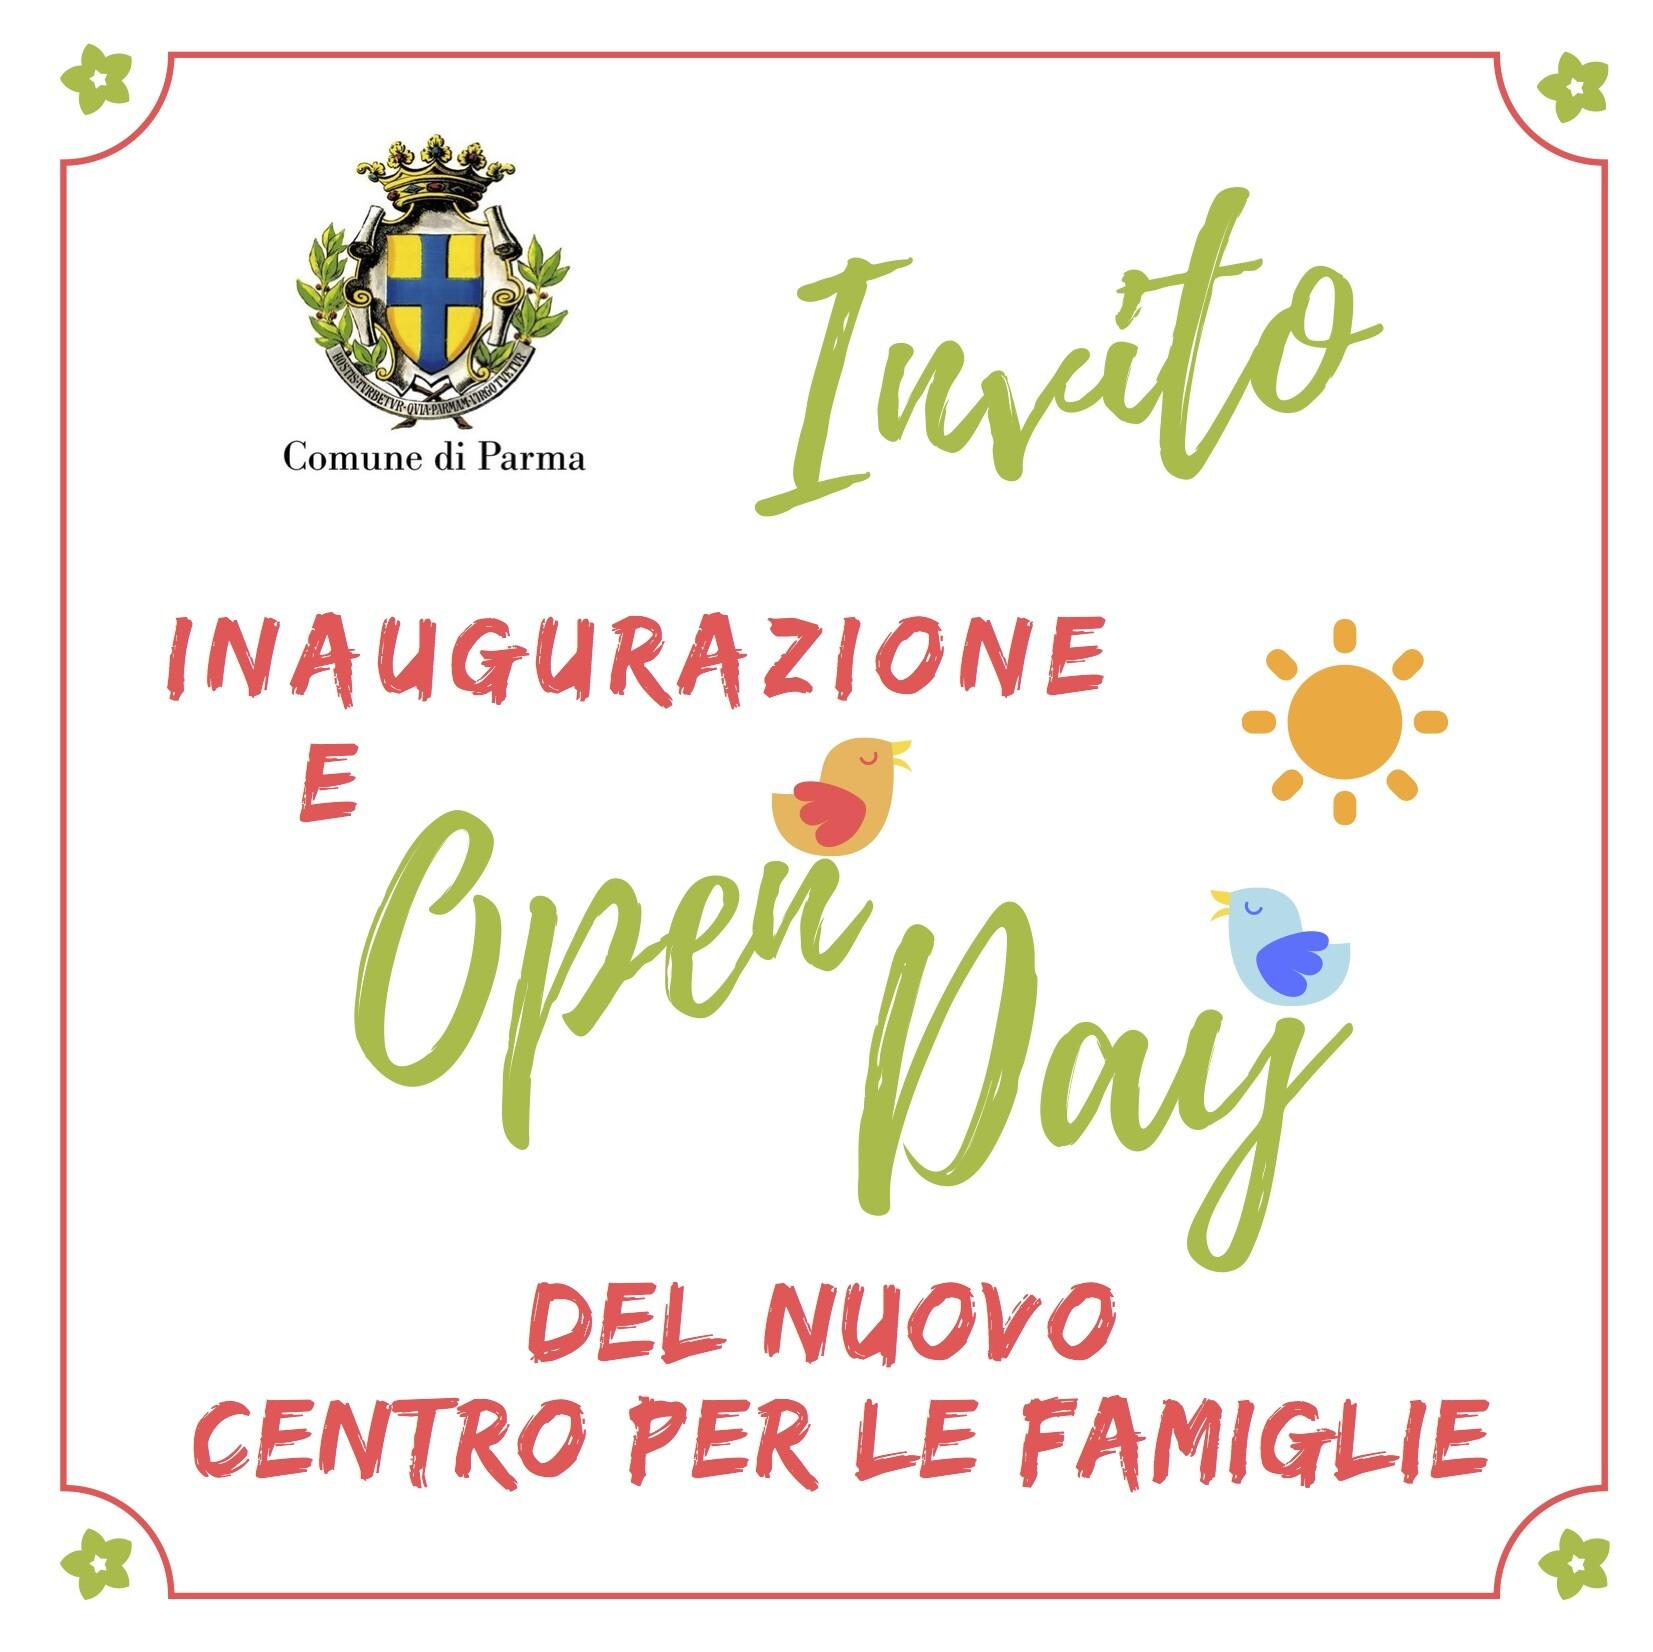 FESTA DI HALLOWEEN Siete tutti invitati all'inaugurazione della nuova sede del Centro per le Famiglie del Comune di Parma